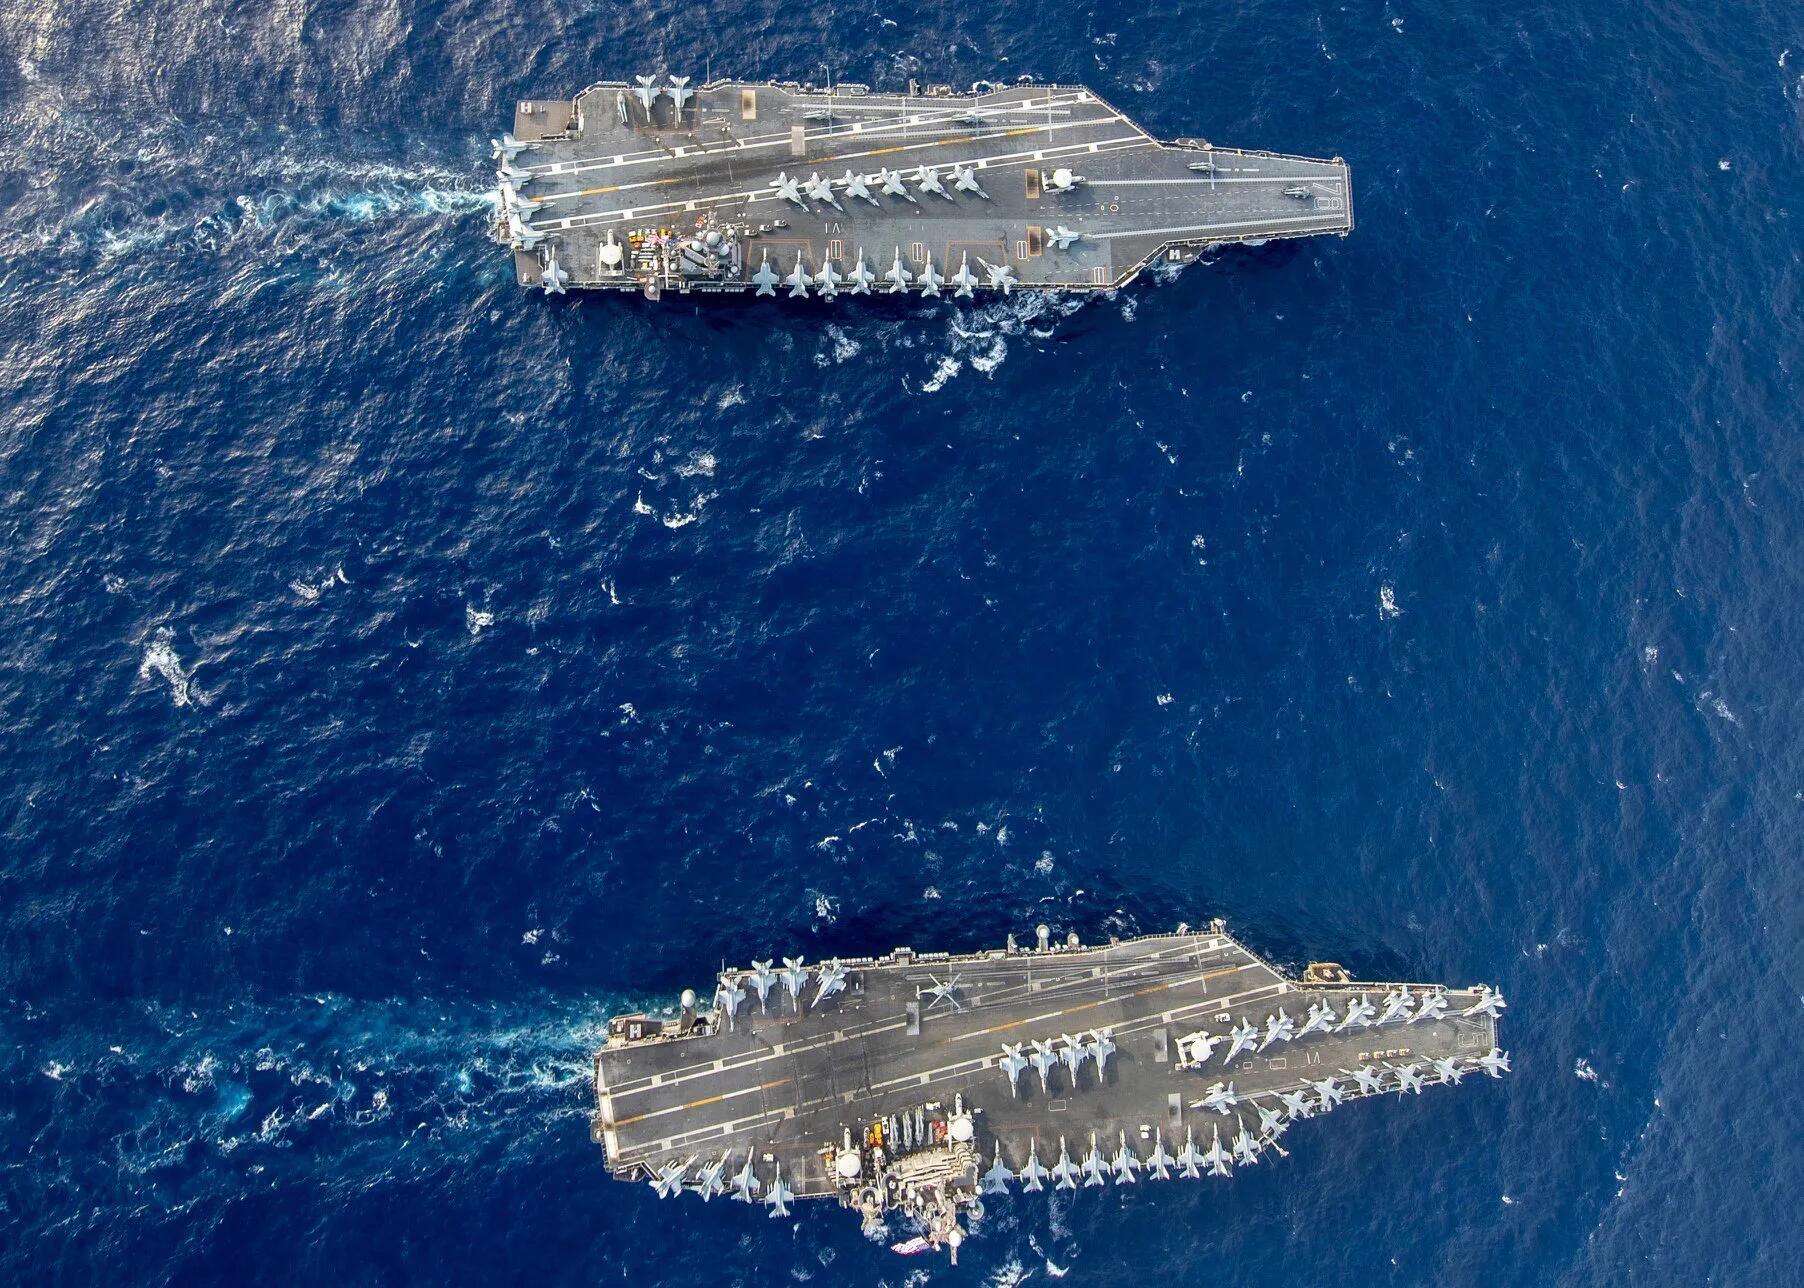 美军新旧两型航母首次合练 同角度对比差别一目了然